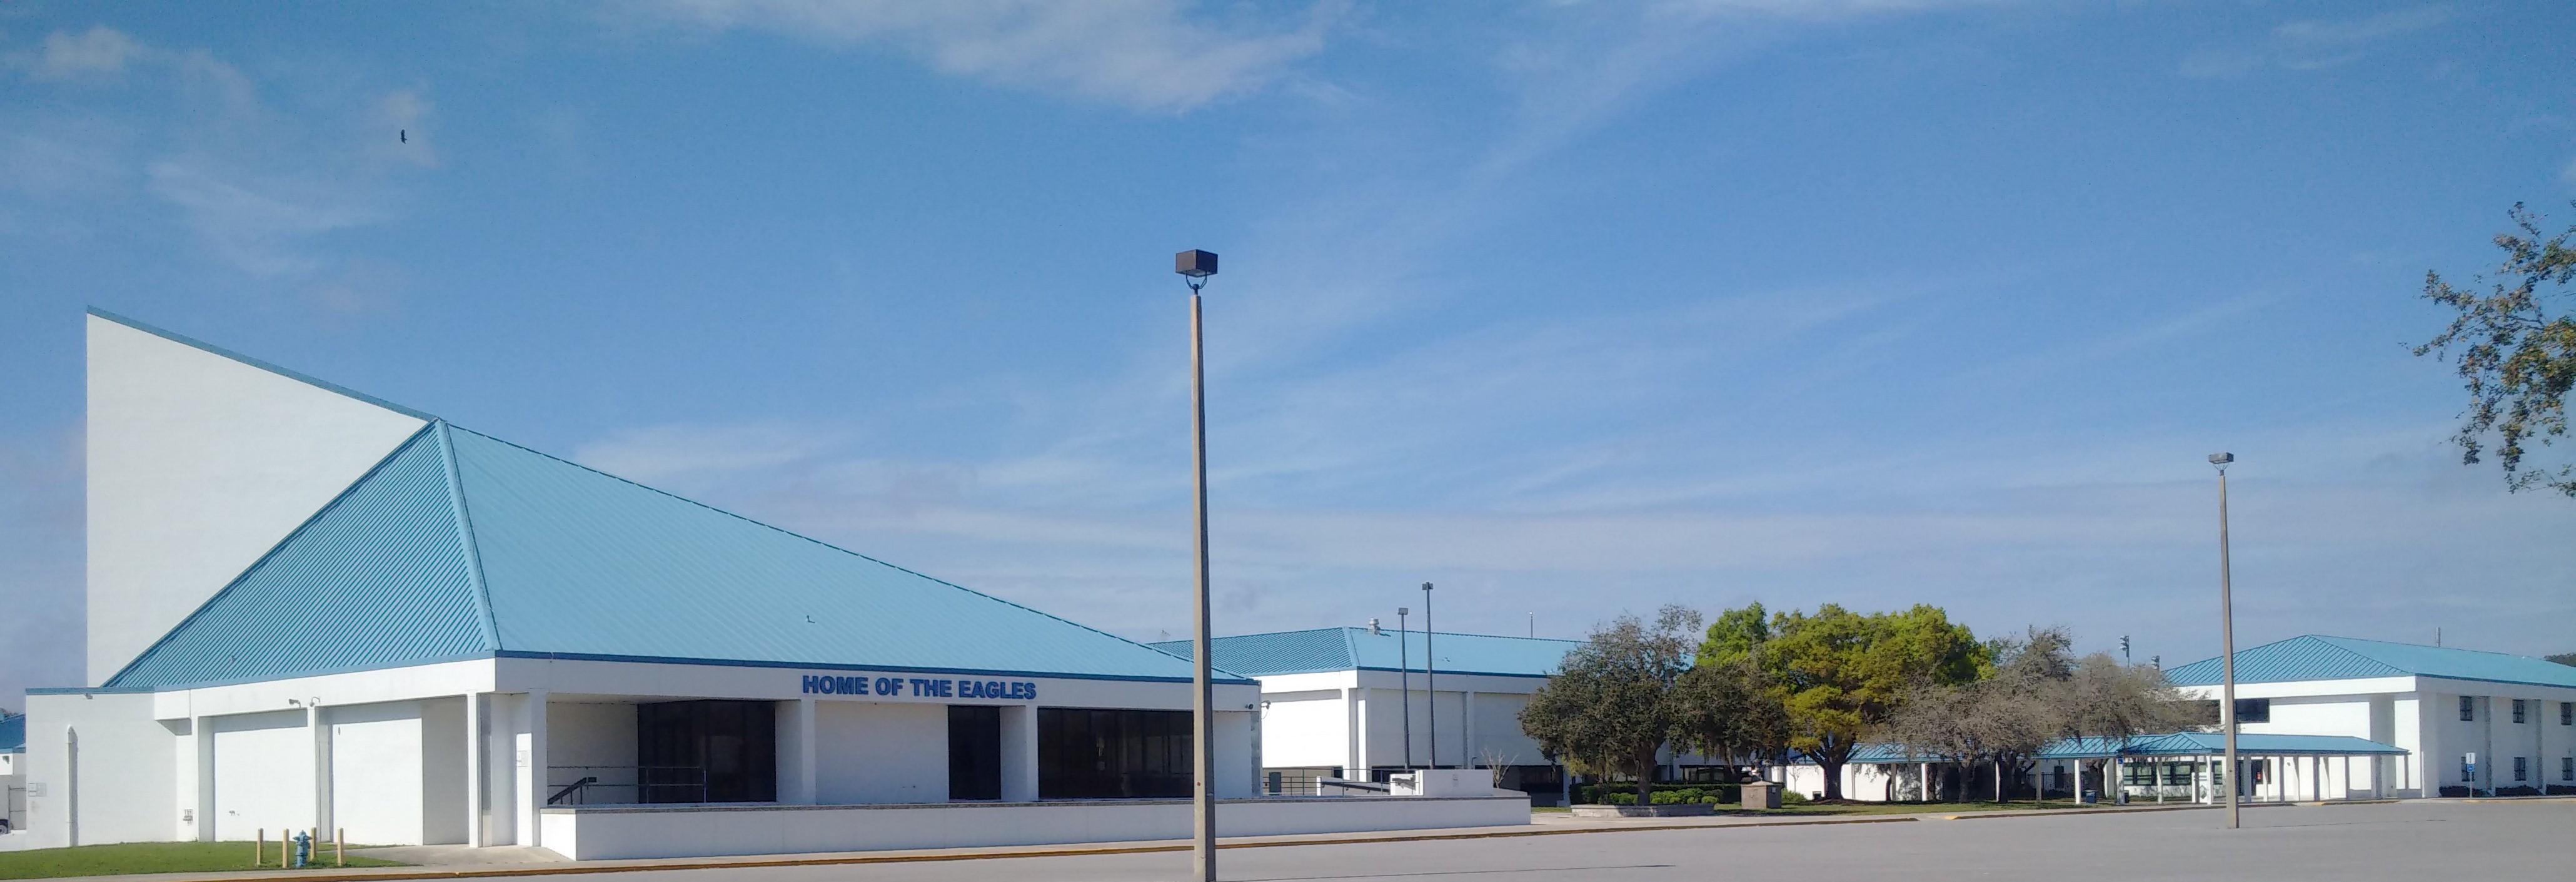 East Lake High School Wikipedia